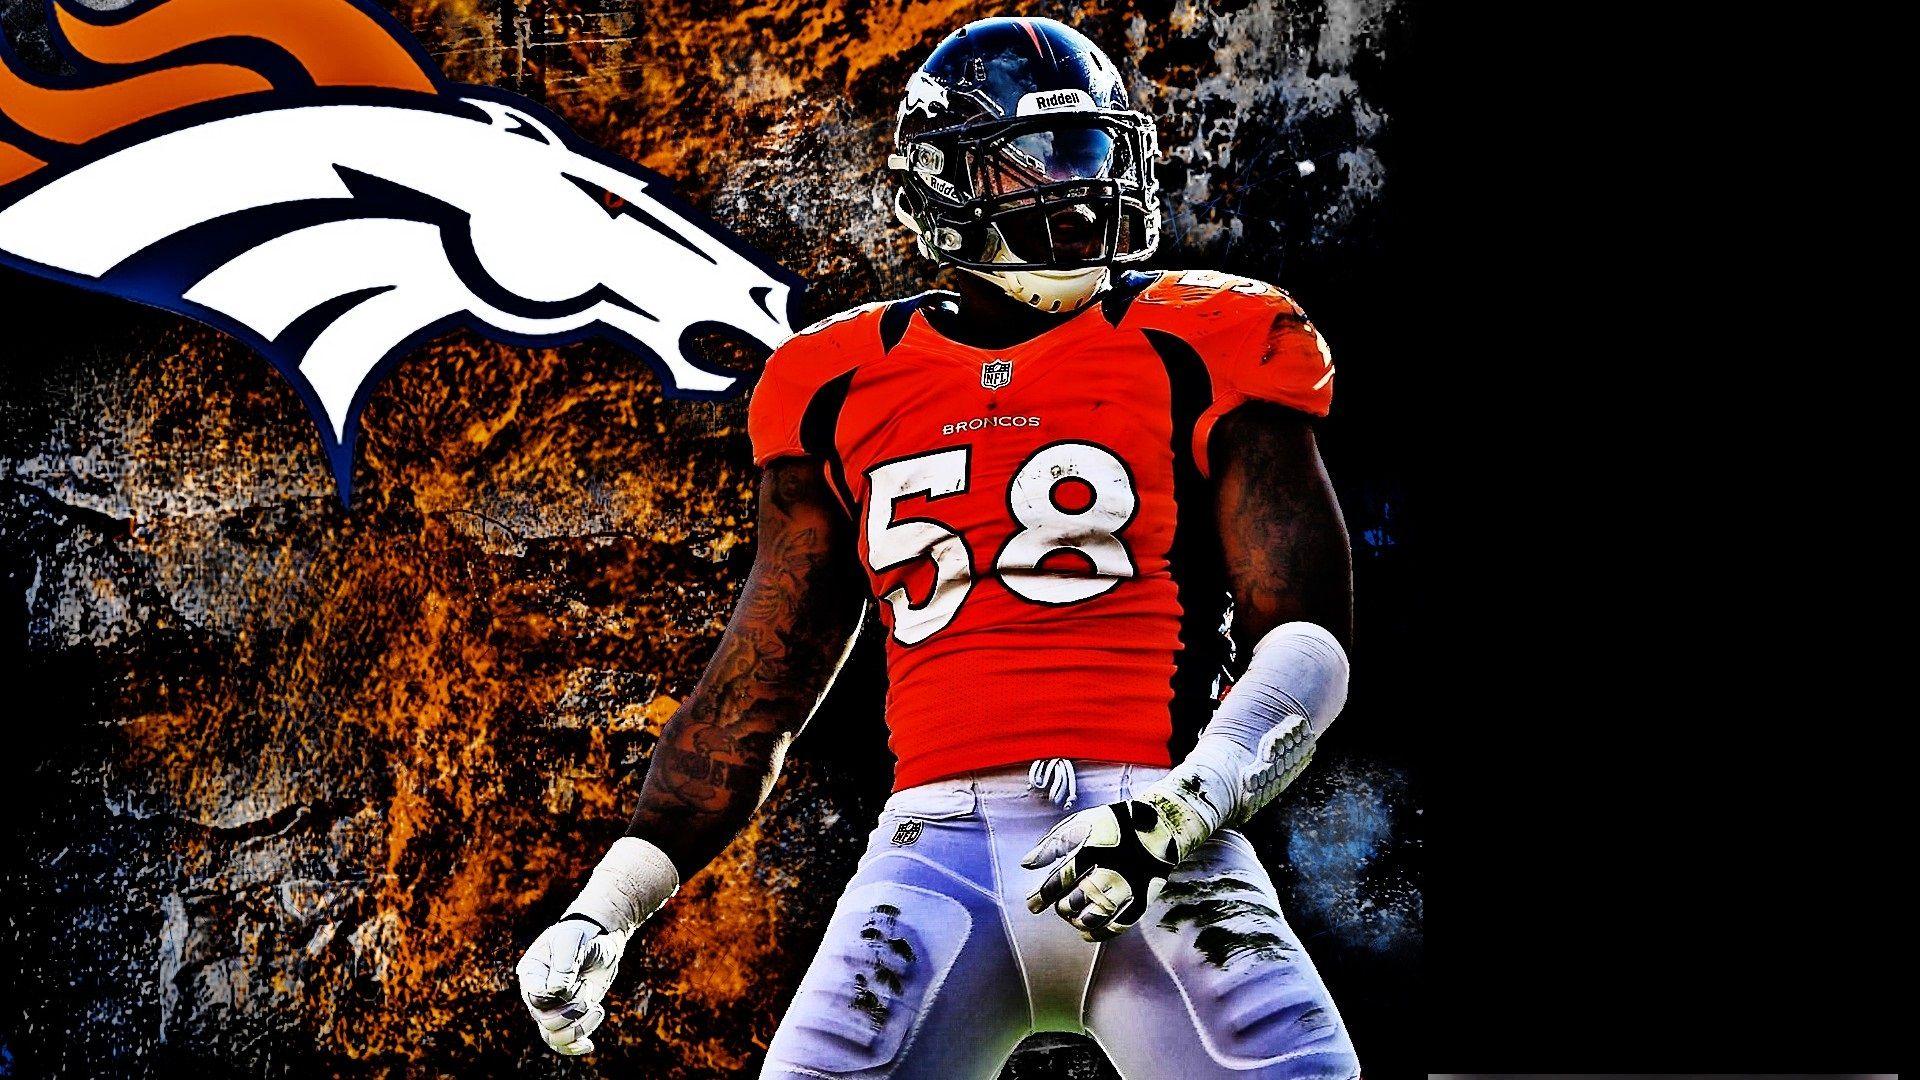 Von Miller Denver Broncos Mac Backgrounds 2021 Nfl Football Wallpapers Nfl Football Wallpaper Mac Backgrounds Denver Broncos Wallpaper